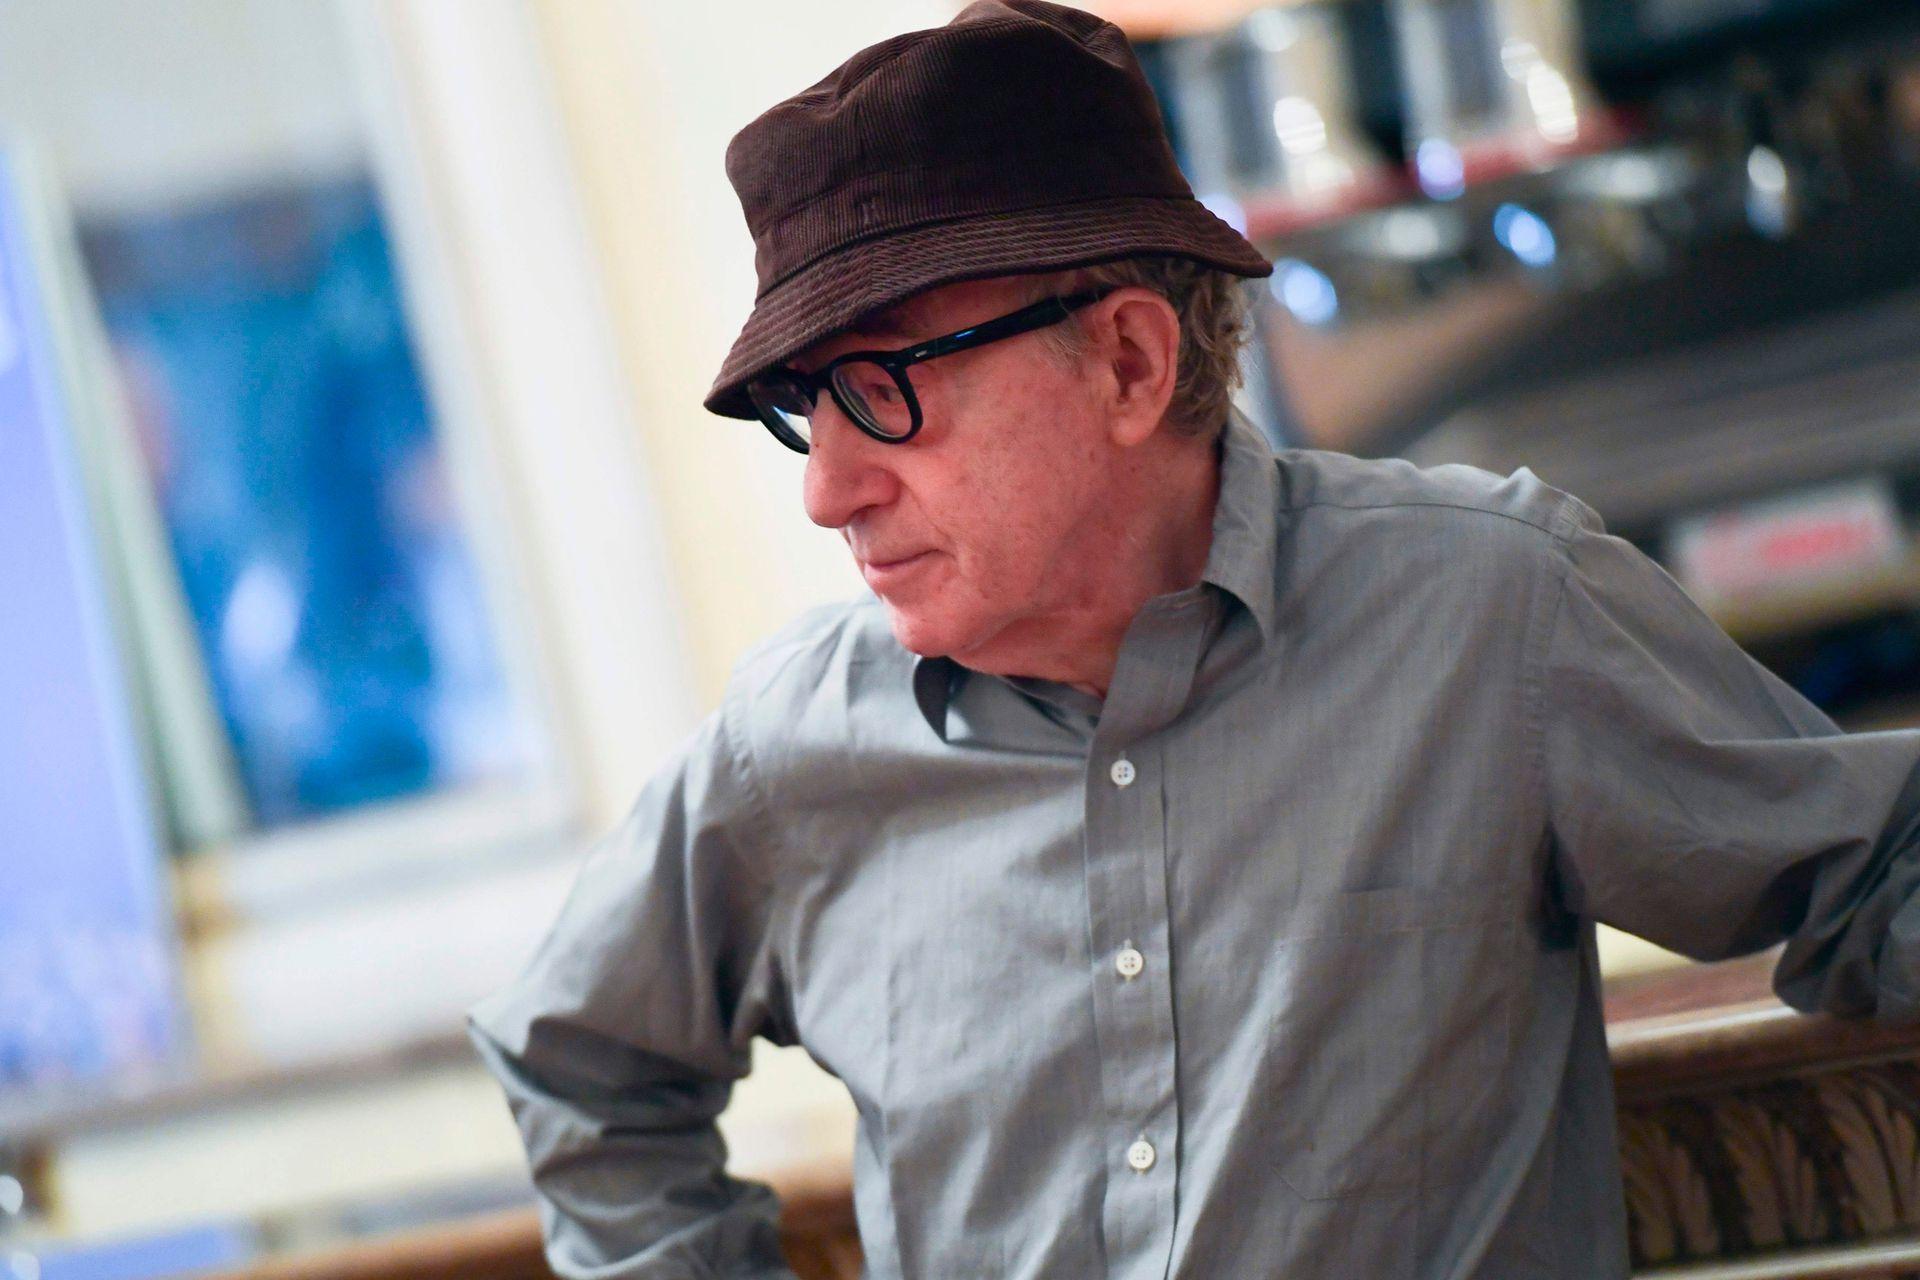 Fiel a su estilo, Woody Allen fue el protagonista de la conferencia de prensa con la que se presentó Gianni Schicchi, la opera que dirigirá en la Scala de Milán